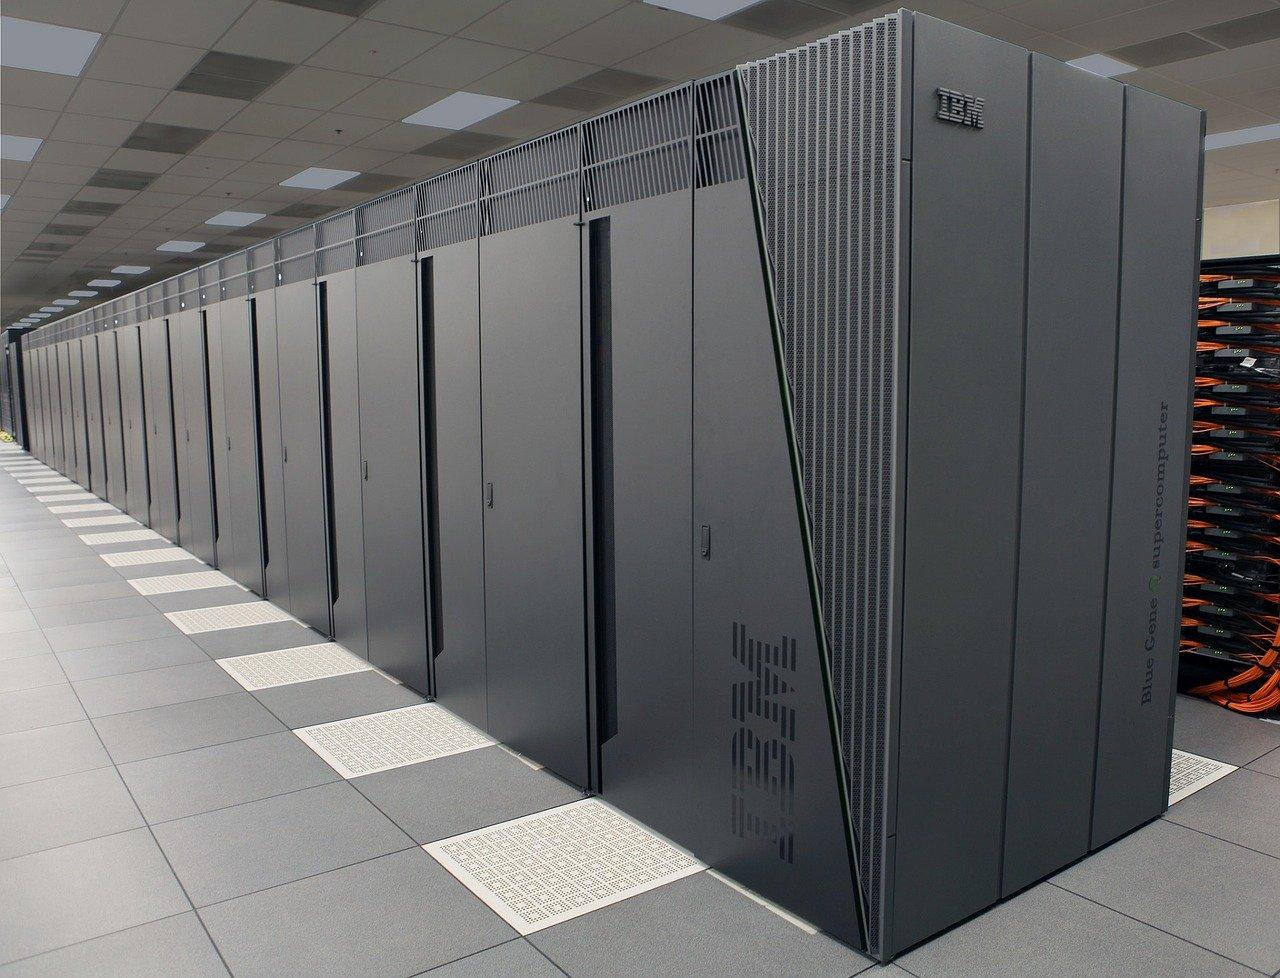 Der Mainframe Computer von IBM soll an John Watson erinnern, denlegändären Chef von IBM, der über seinem Schreibtisch das Word THINK stehen hatte.